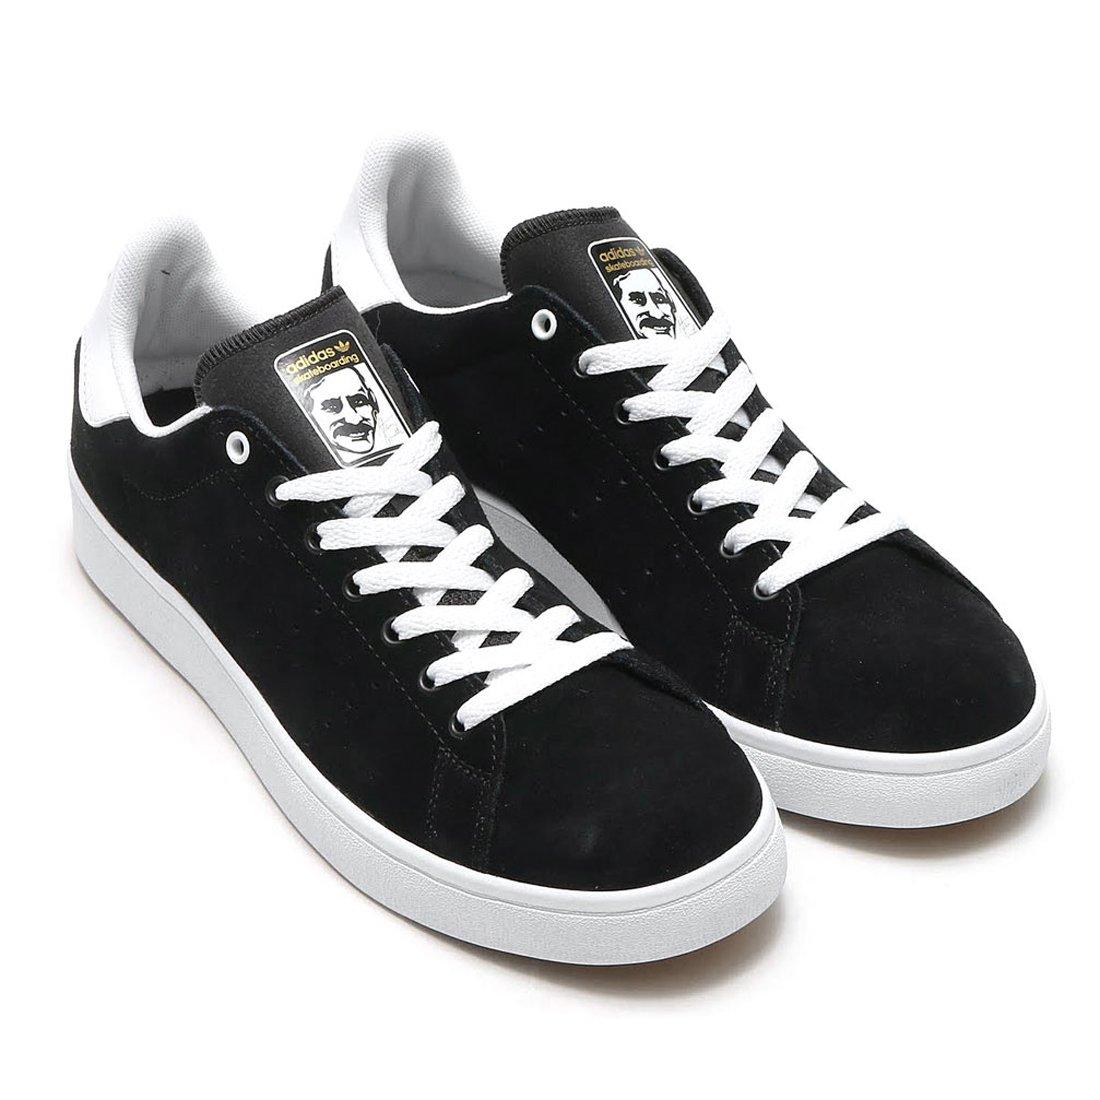 日本国内正規品 adidas アディダス スケートボーディング スタンスミス[STAN SMITH VULC] ブラック/ブラック/ホワイト BB8743 B06VW8WX71 29.5cm